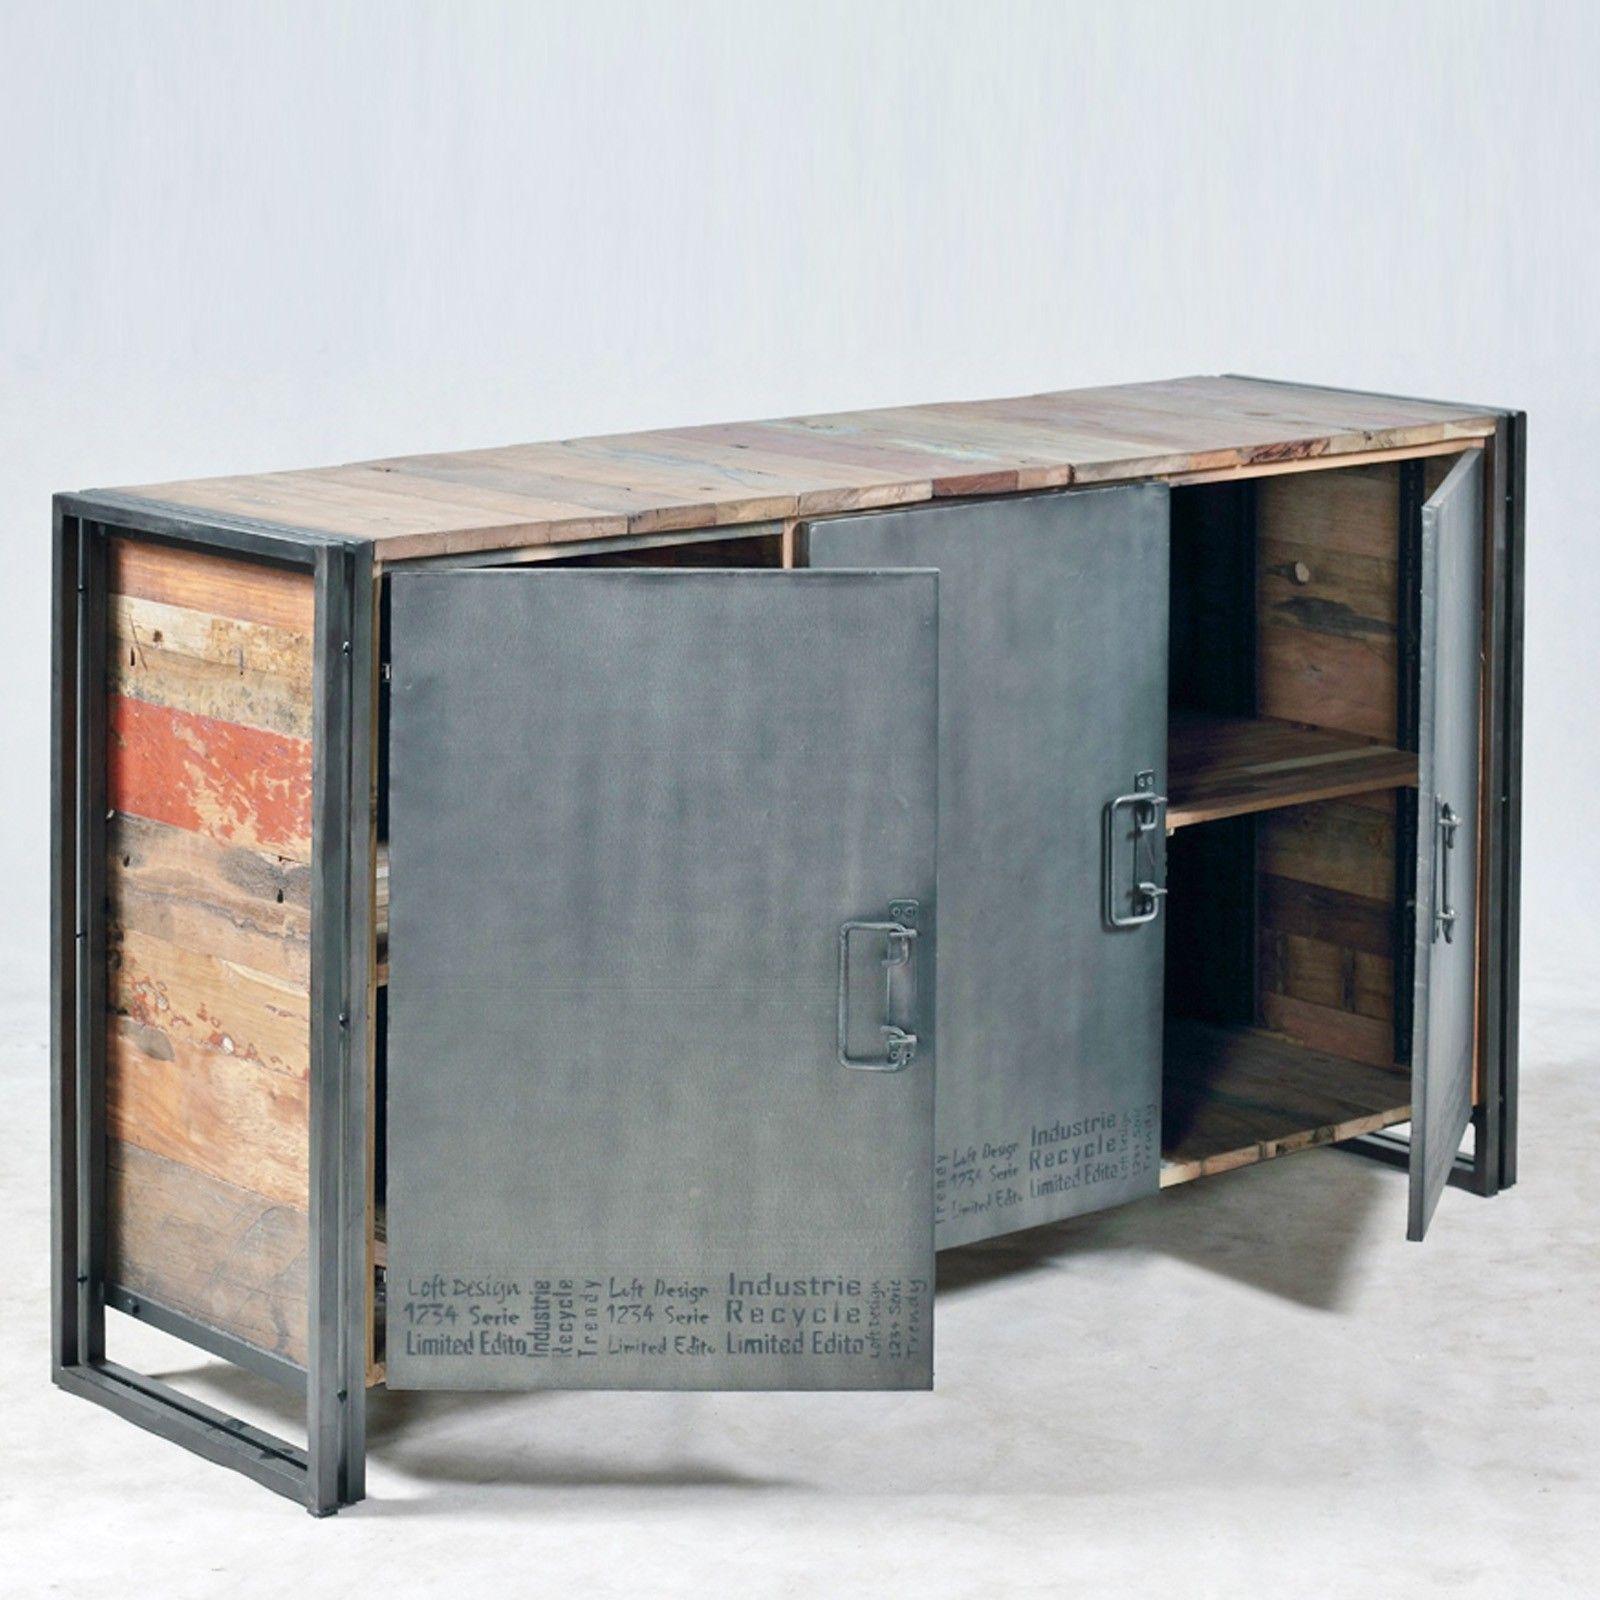 Mobilier Loft Industriel Buffet Trois Portes Edition Originale  # Meuble Industriel Bois Bateau